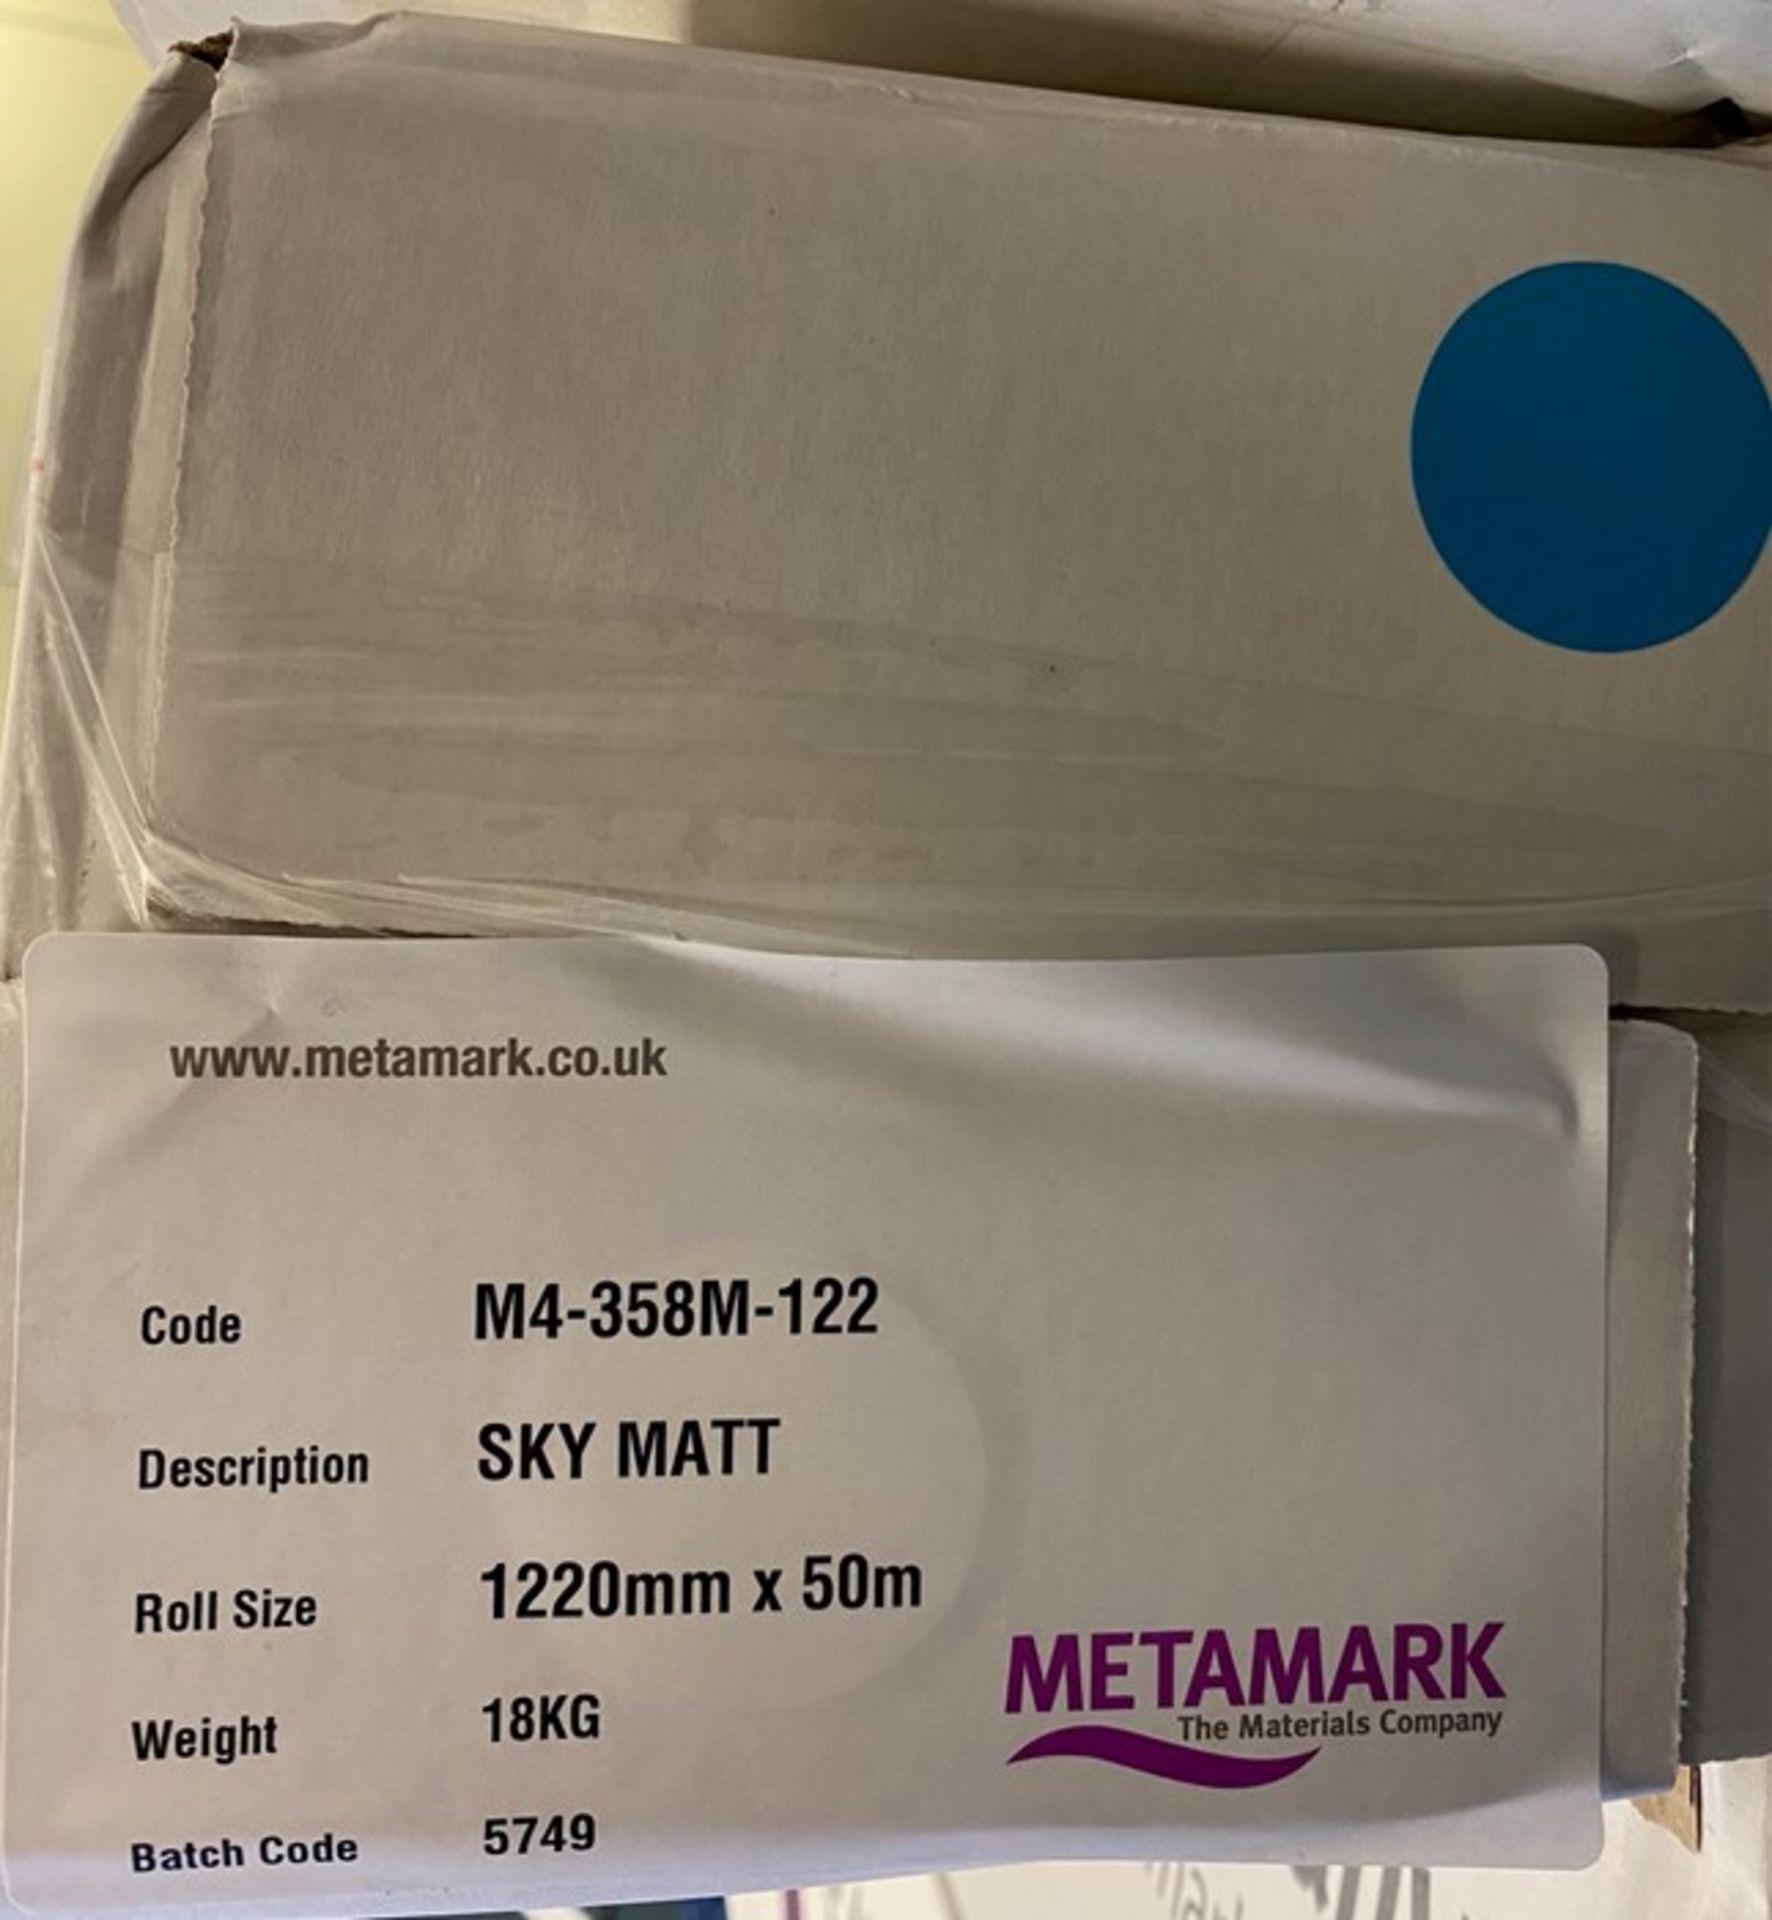 8 rolls of Metamark M4-358M-122 Sky Matt Vinyl - Image 2 of 2